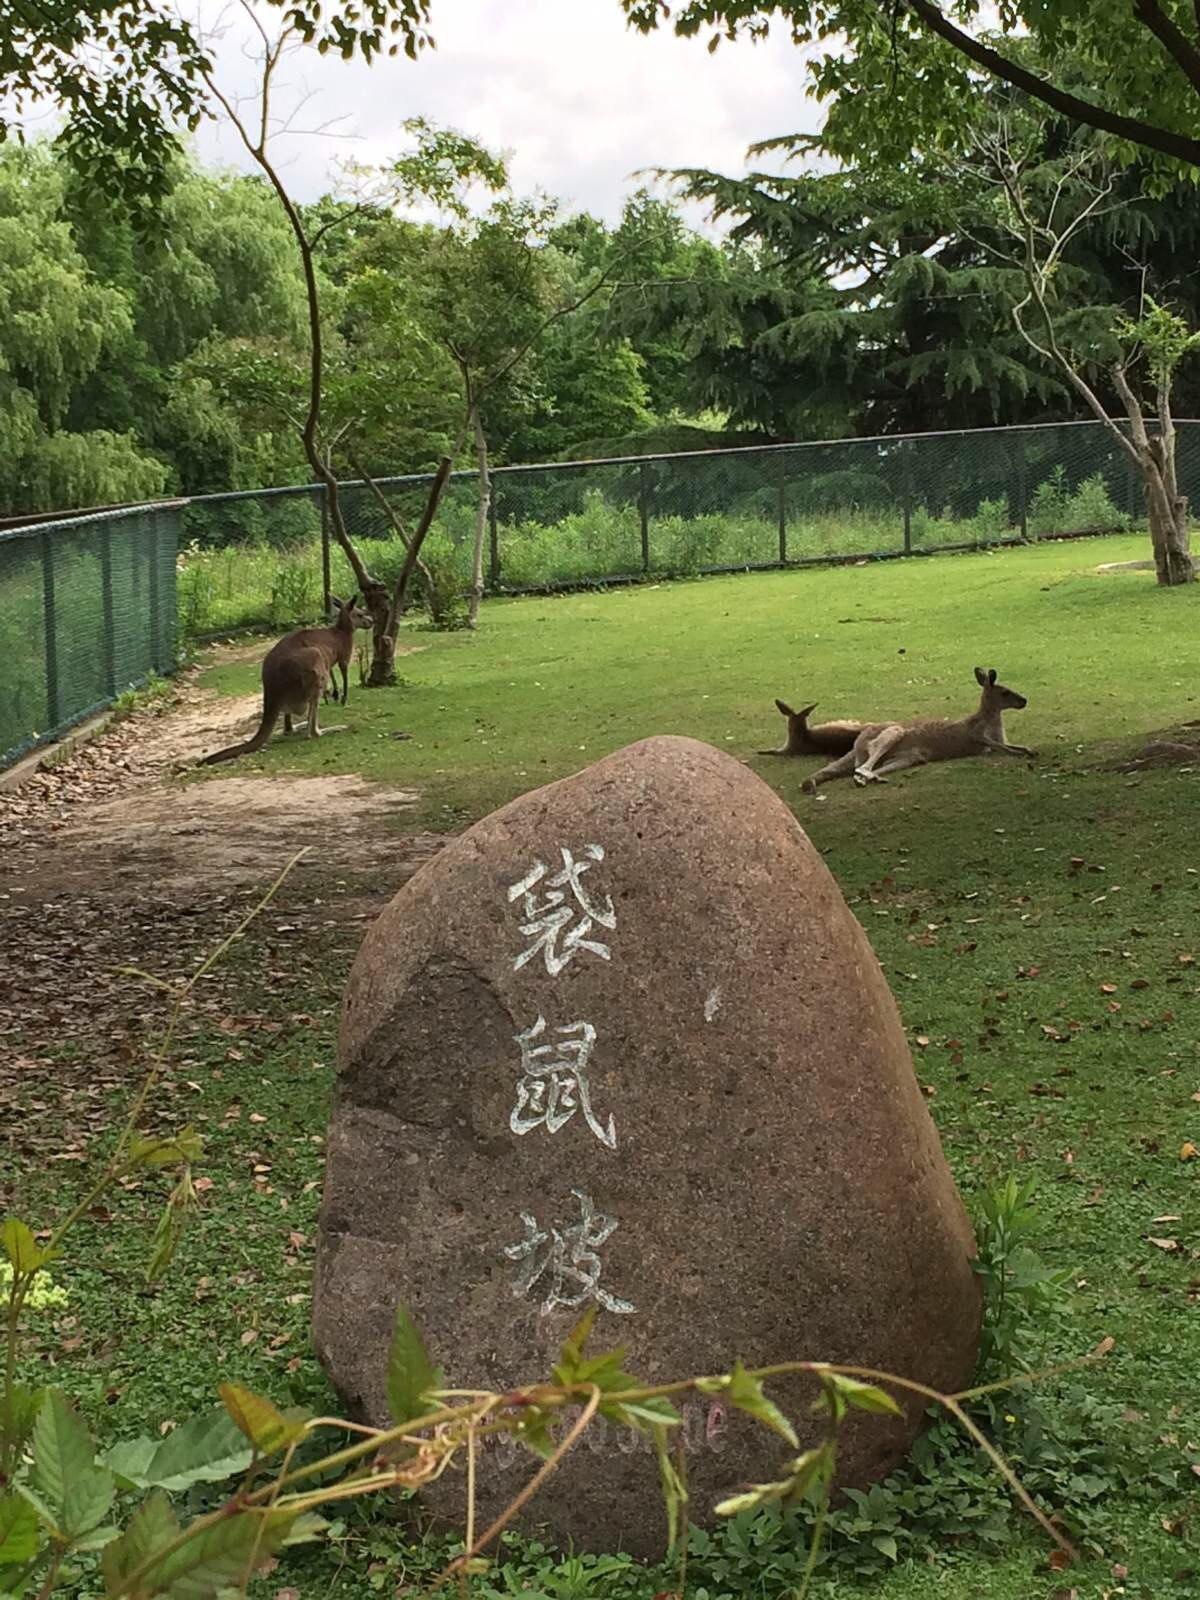 寻找与发现之旅@上海野生动物园